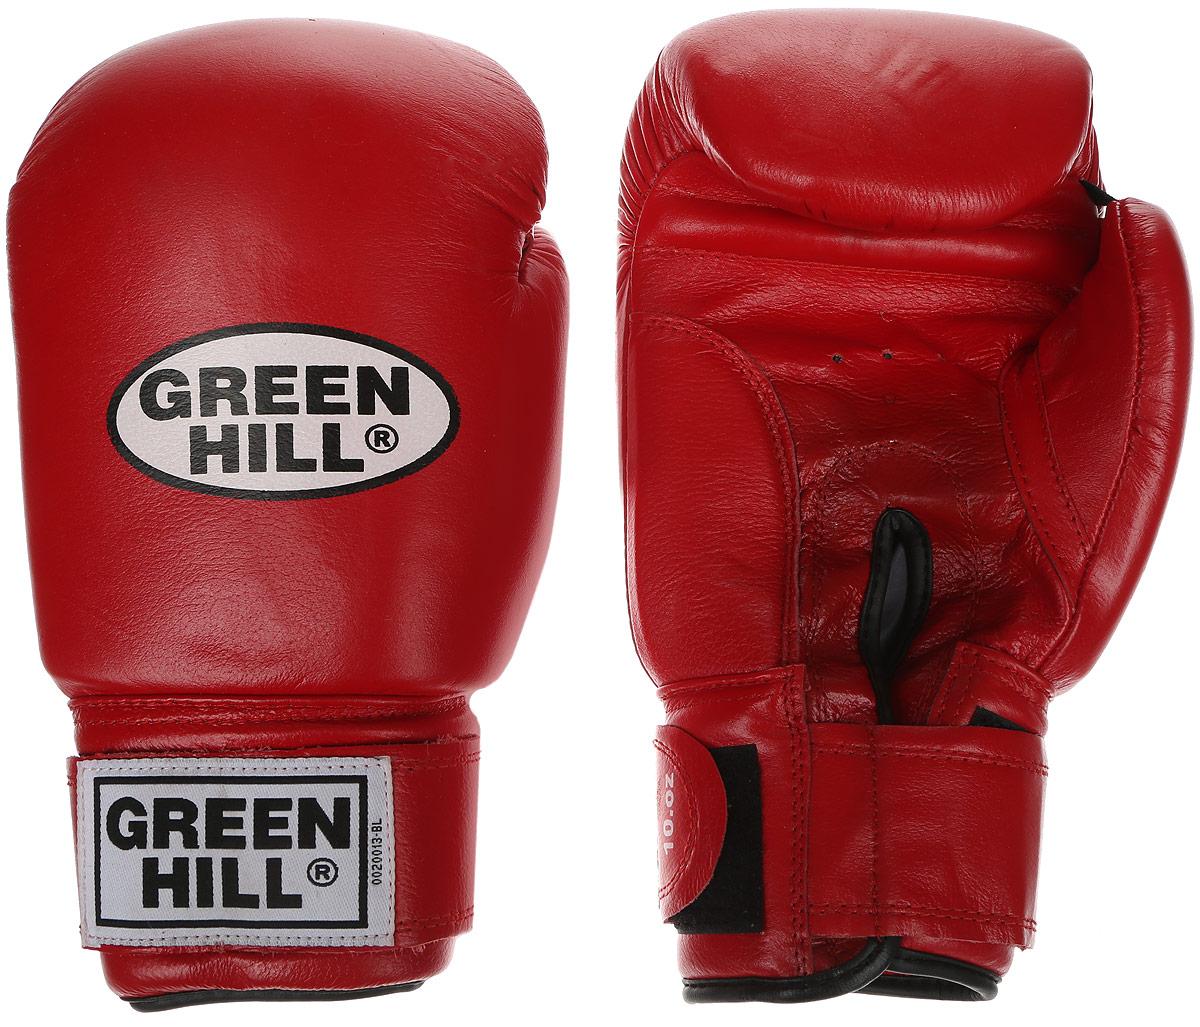 Перчатки боксерские Green Hill Super Star, цвет: красный, белый. Вес 14 унций. BGS-1213сC133Боксерские перчатки Green Hill Super Star предназначены для использования профессионалами. Подойдут для спаррингов и соревнований. Верх выполнен из натуральной кожи, наполнитель - из вспененного полимера. Отверстие в области ладони позволяет создать максимально комфортный терморежим во время занятий. Манжет на липучке способствует быстрому и удобному надеванию перчаток, плотно фиксирует перчатки на руке.